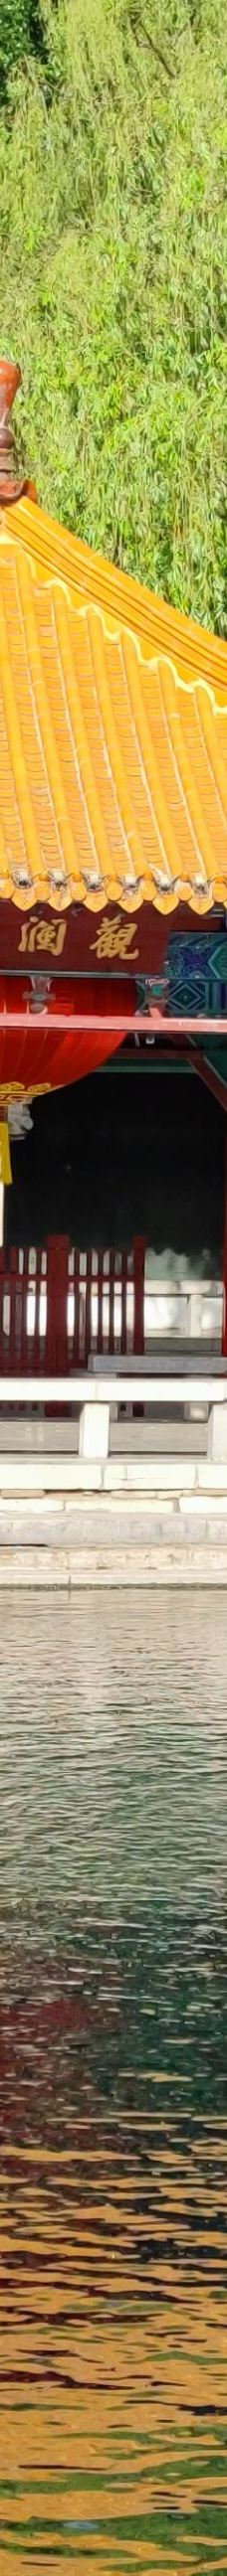 趵突泉景区-济南